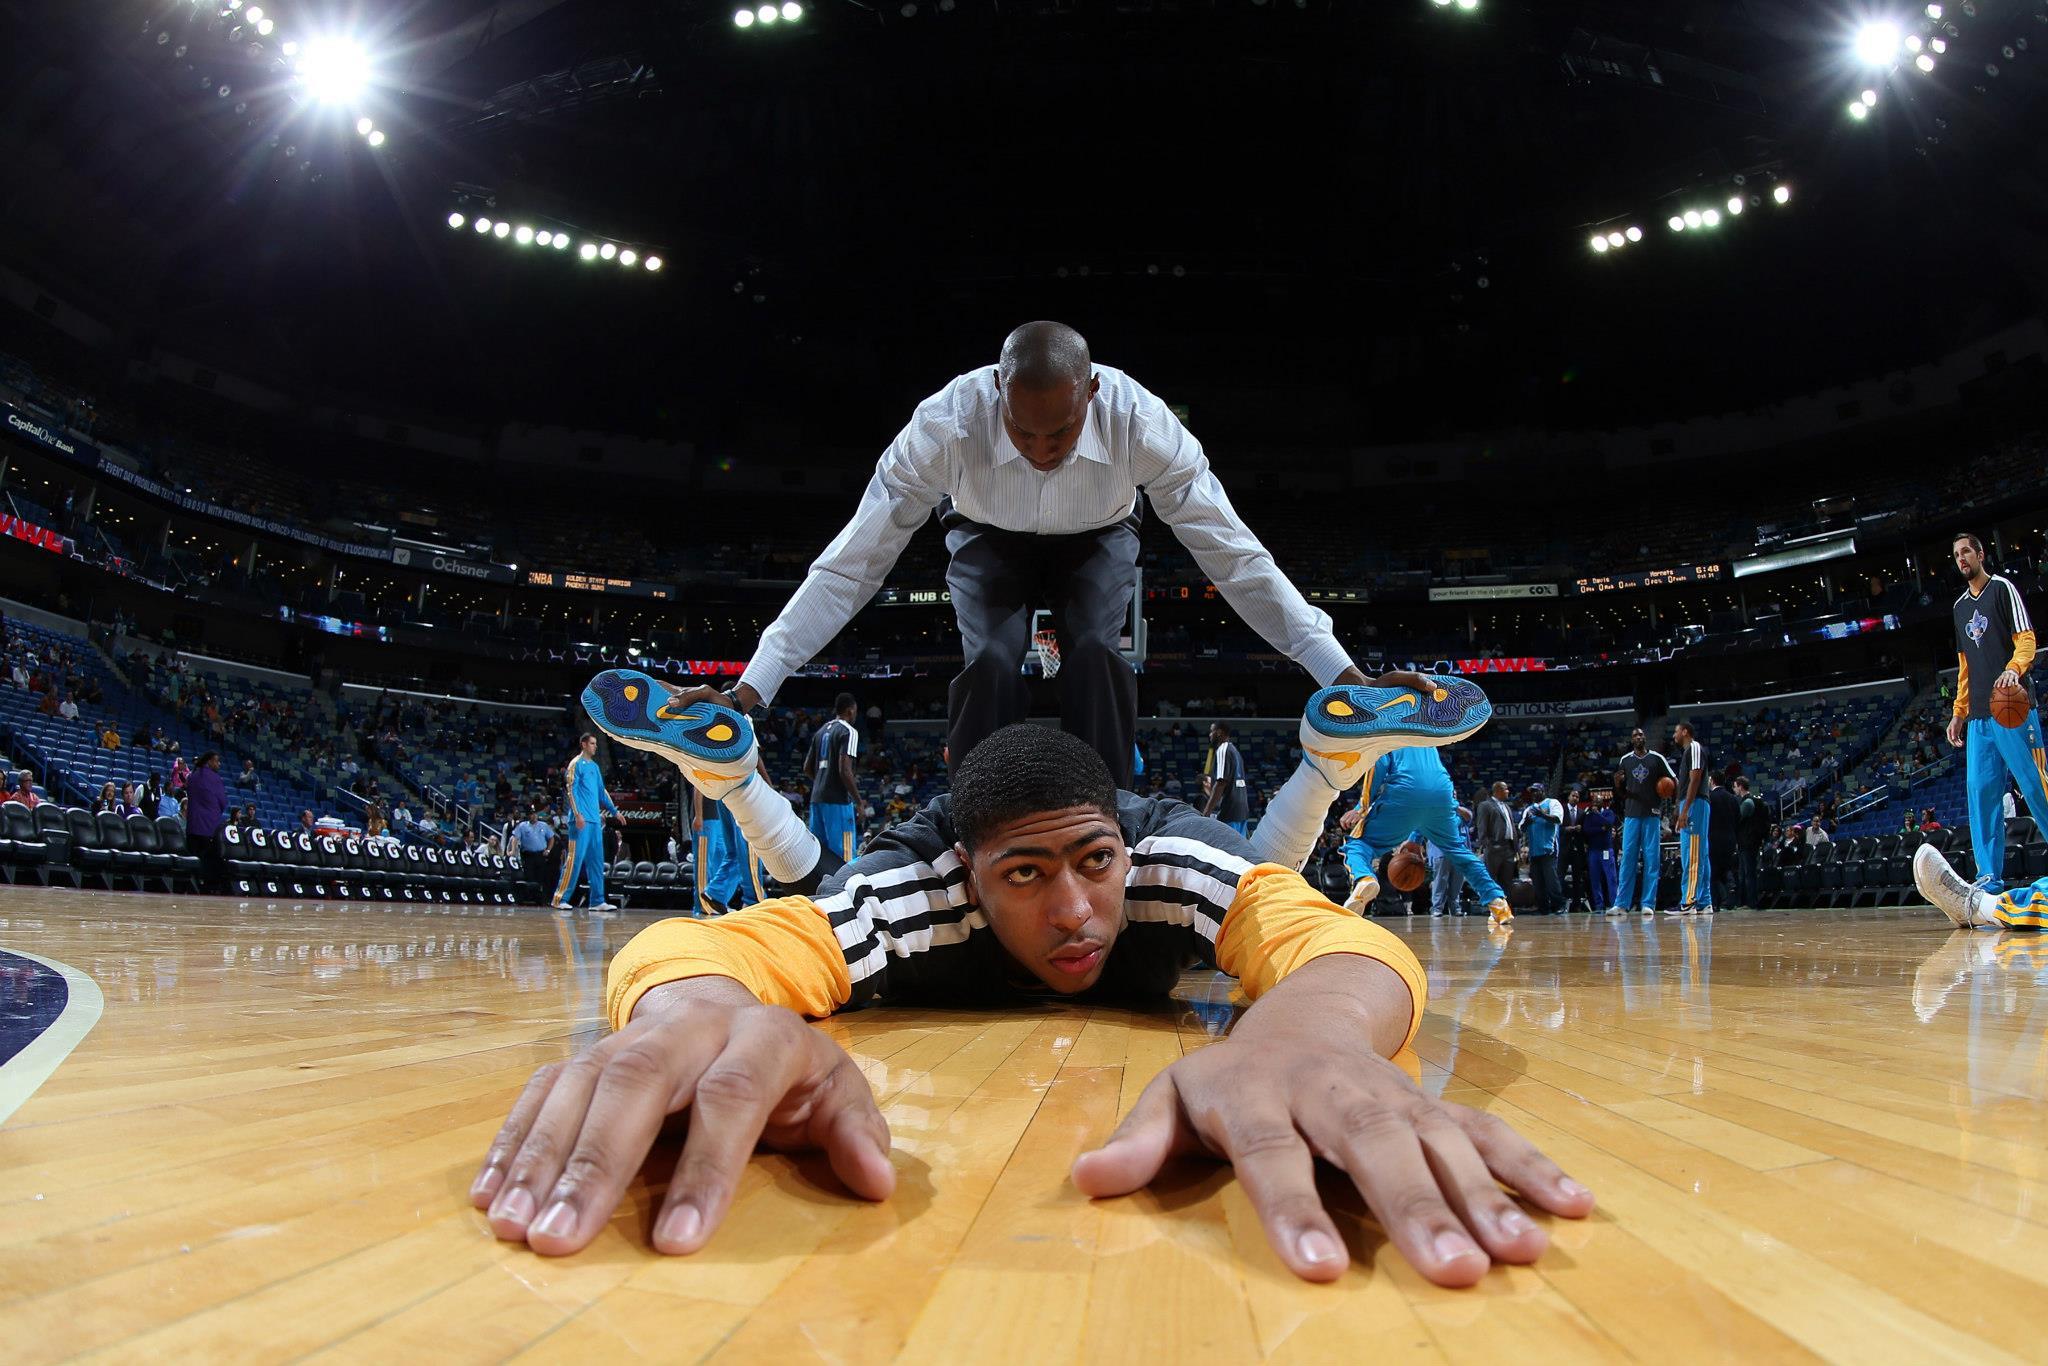 Неожиданные кадры фото в спорте